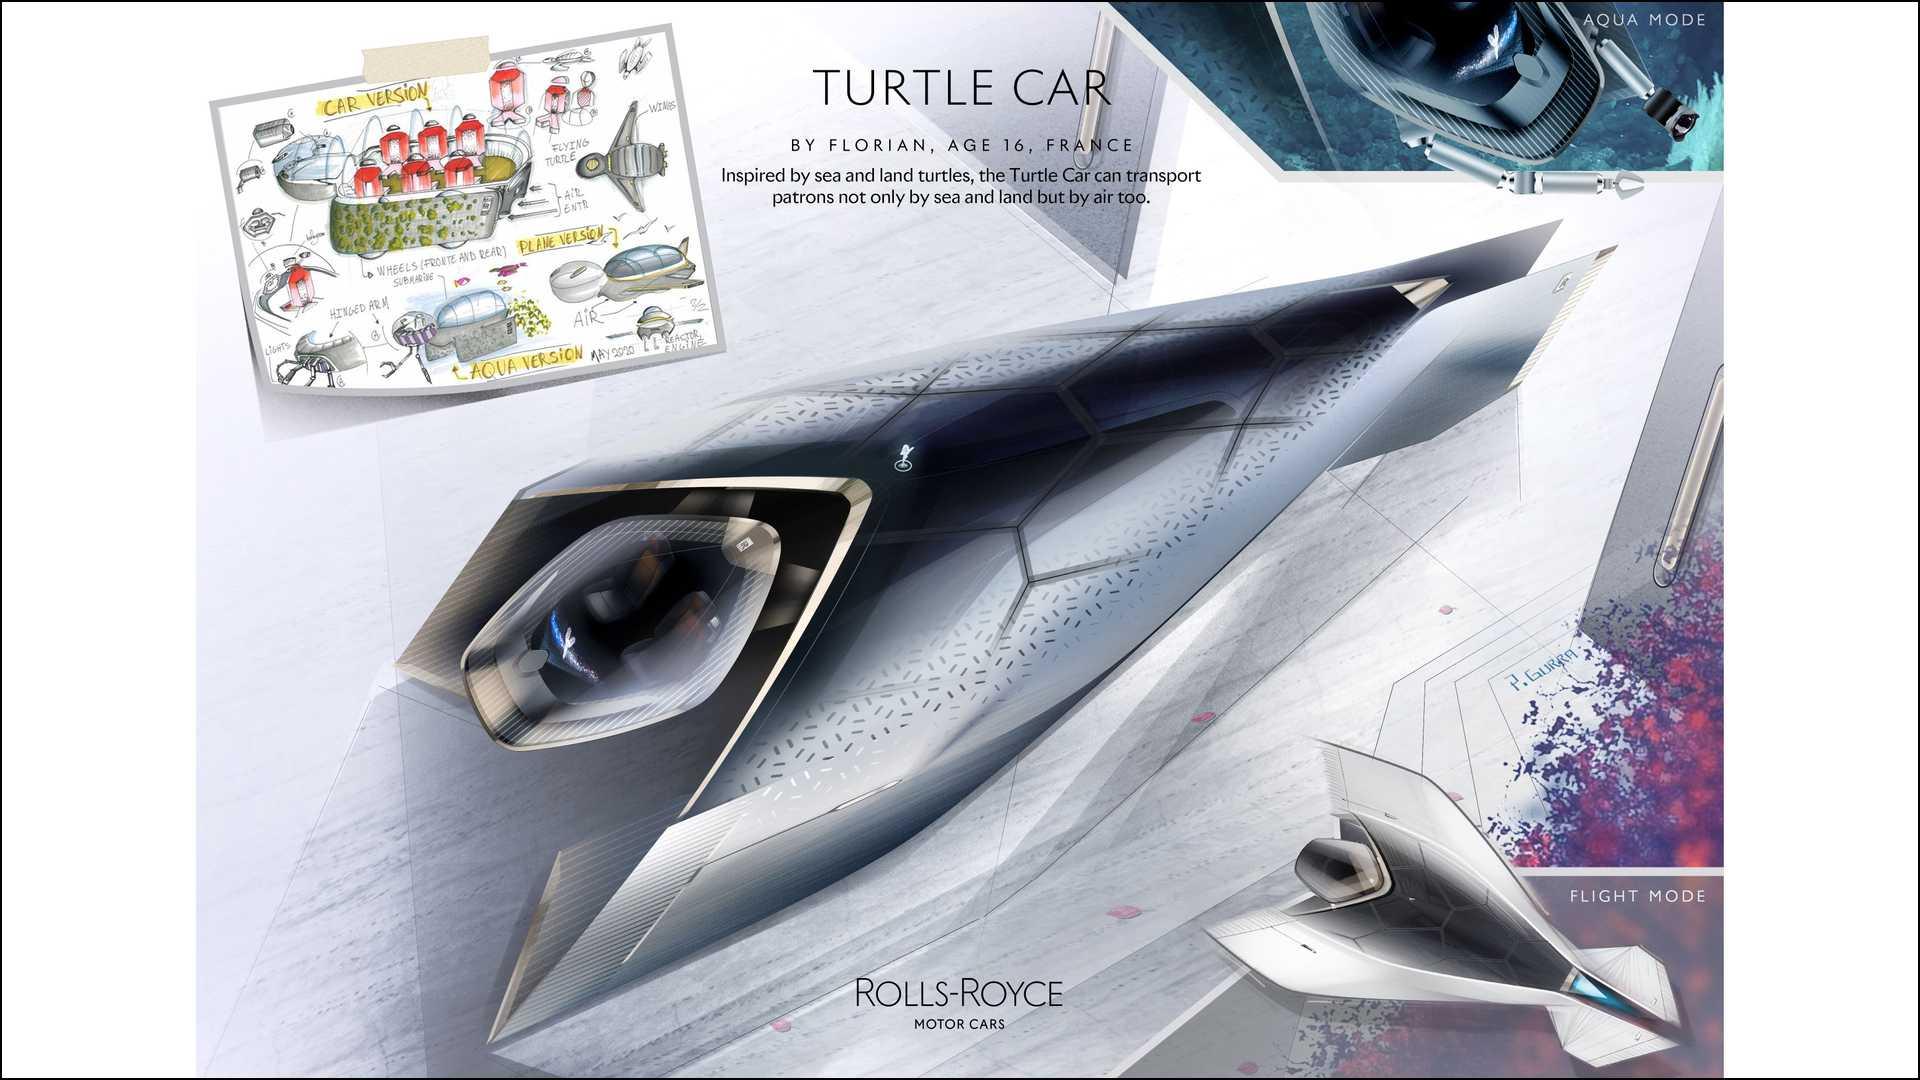 幻想《勞斯萊斯海龜汽車》—— 來自法國的 16 歲青年設計師 Florian。